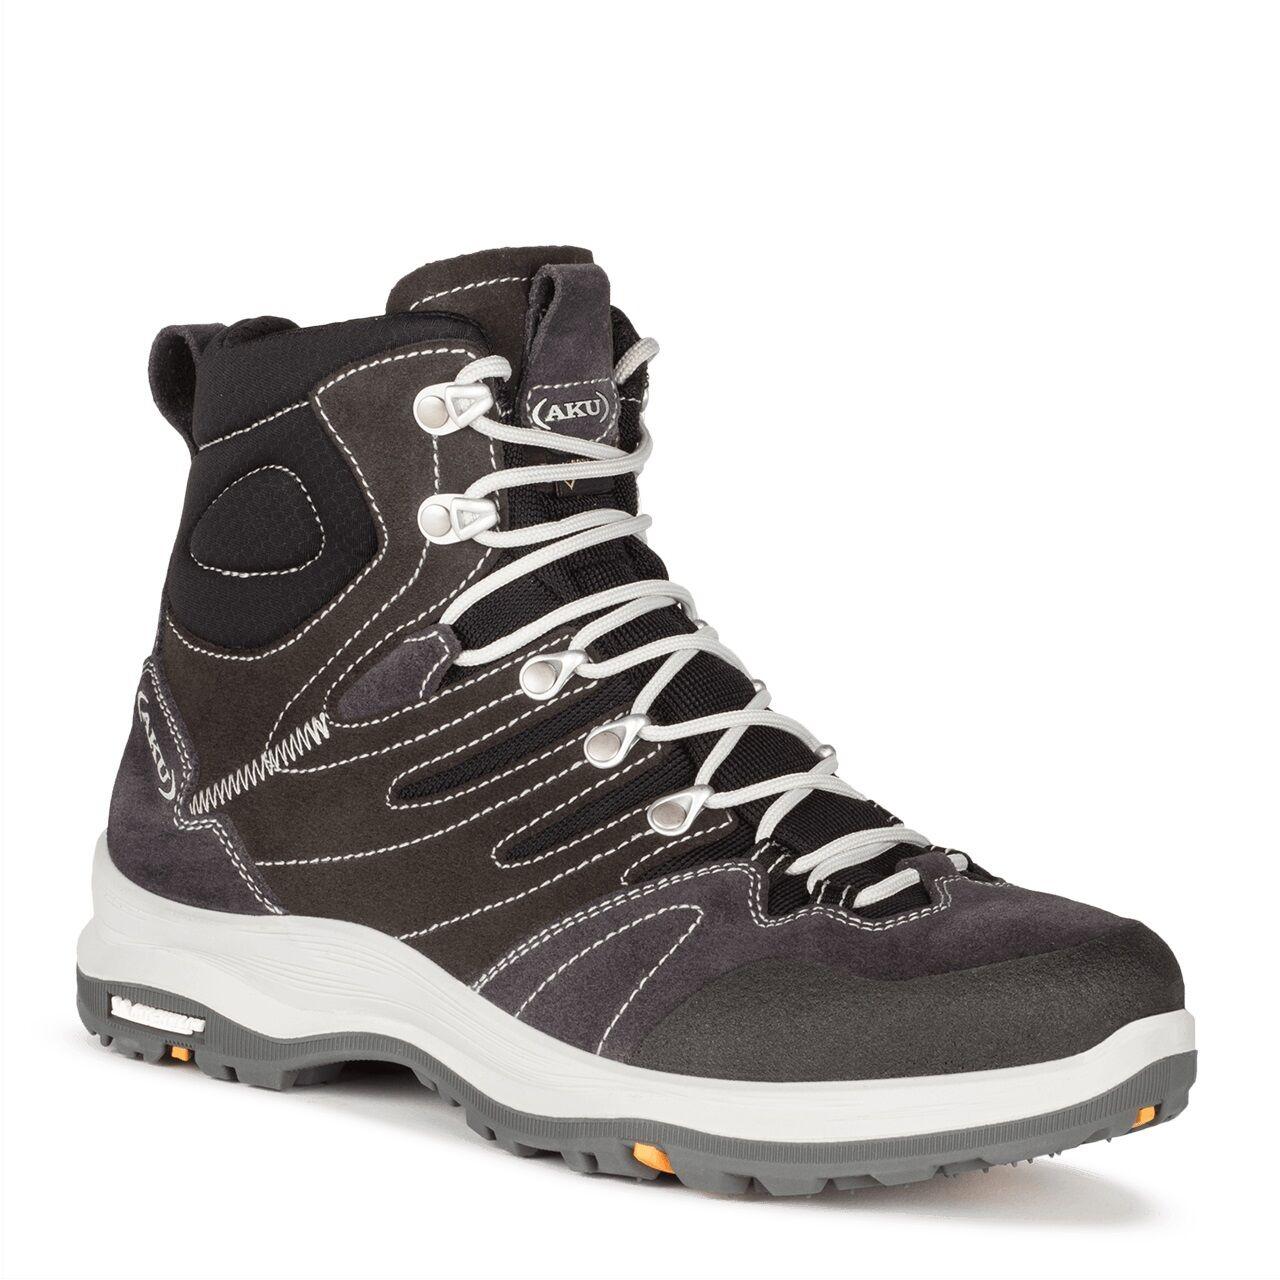 Aku shoes Pedule women - Montera GTX 735 - Col. 060 Grey